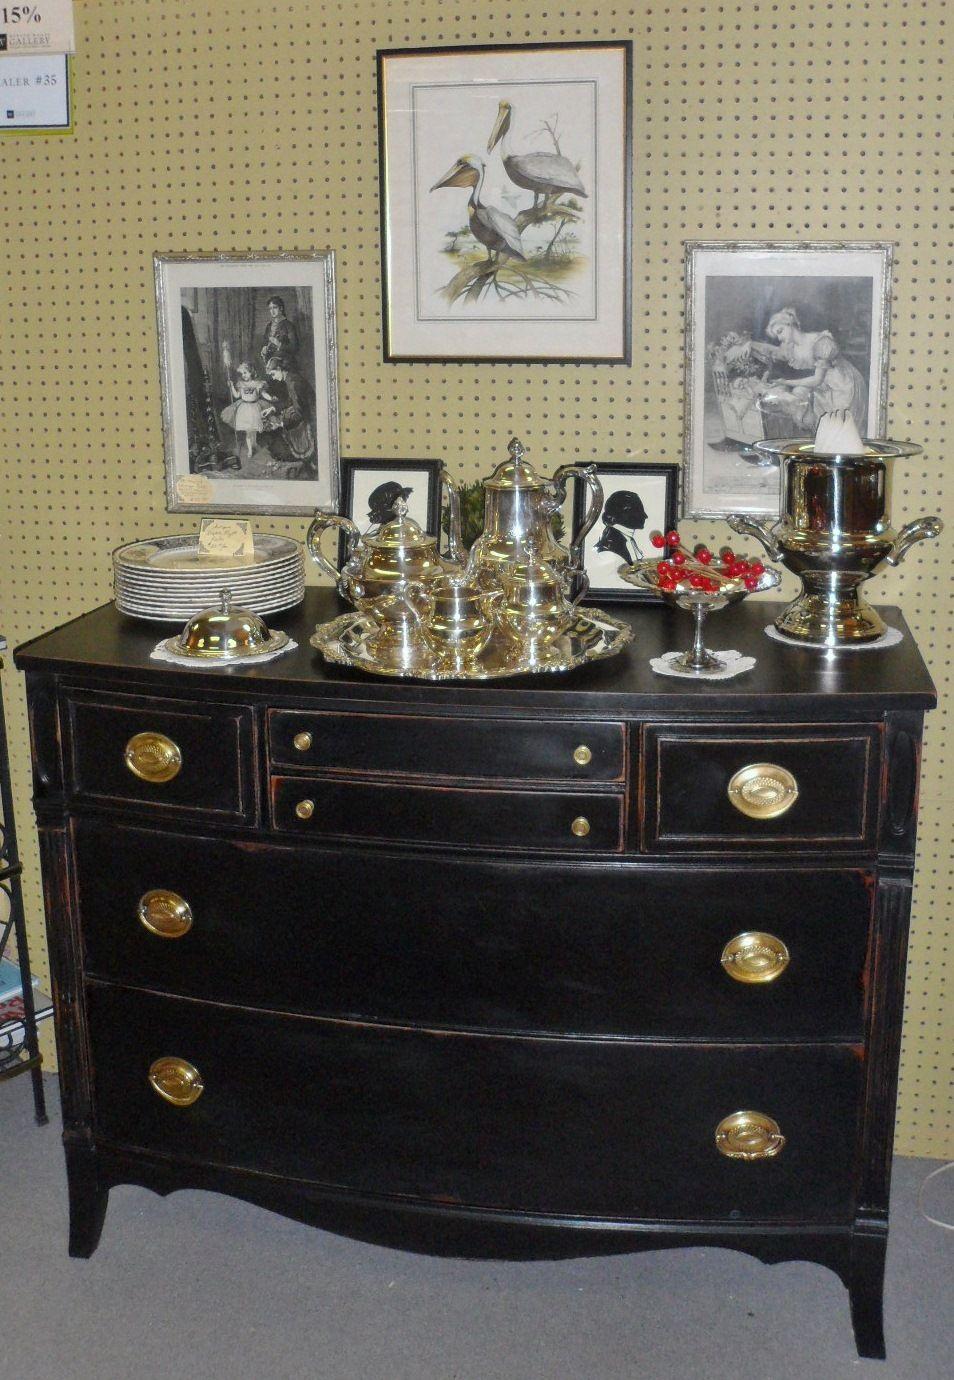 Hepplewhite serverchest decor furniture inspiration